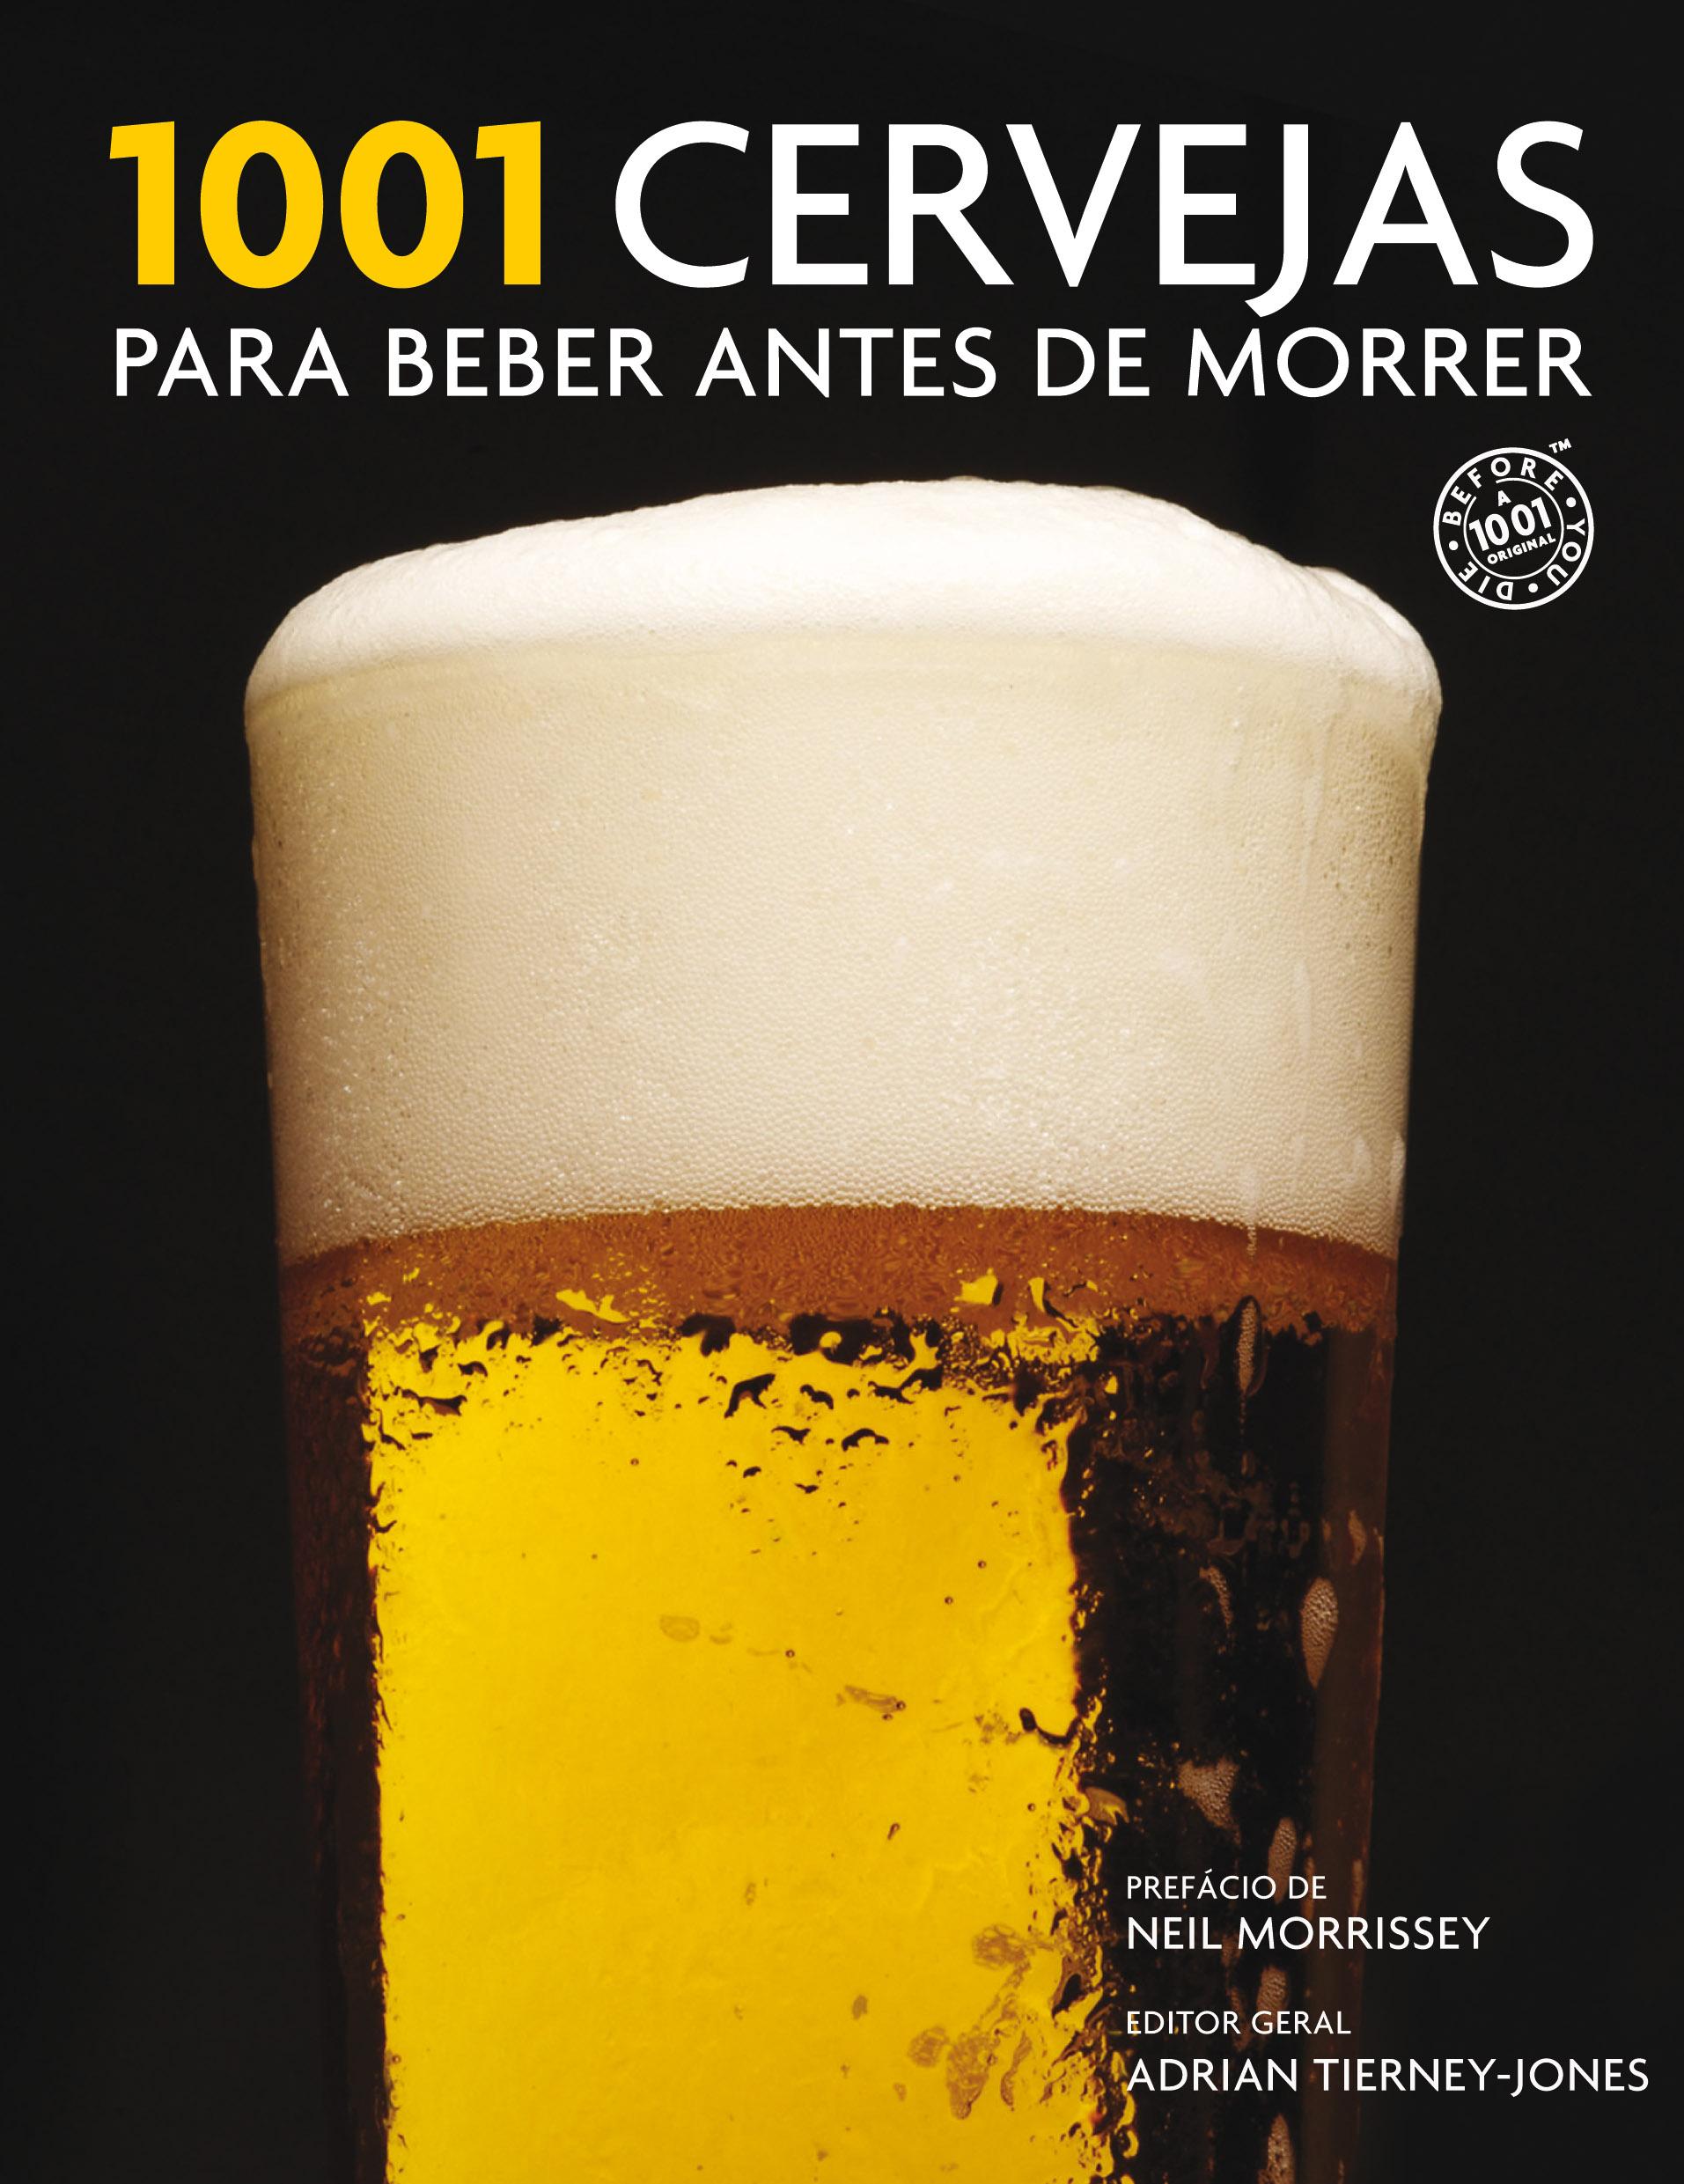 1001 cervejas para beber antes de morrer / Divulgação